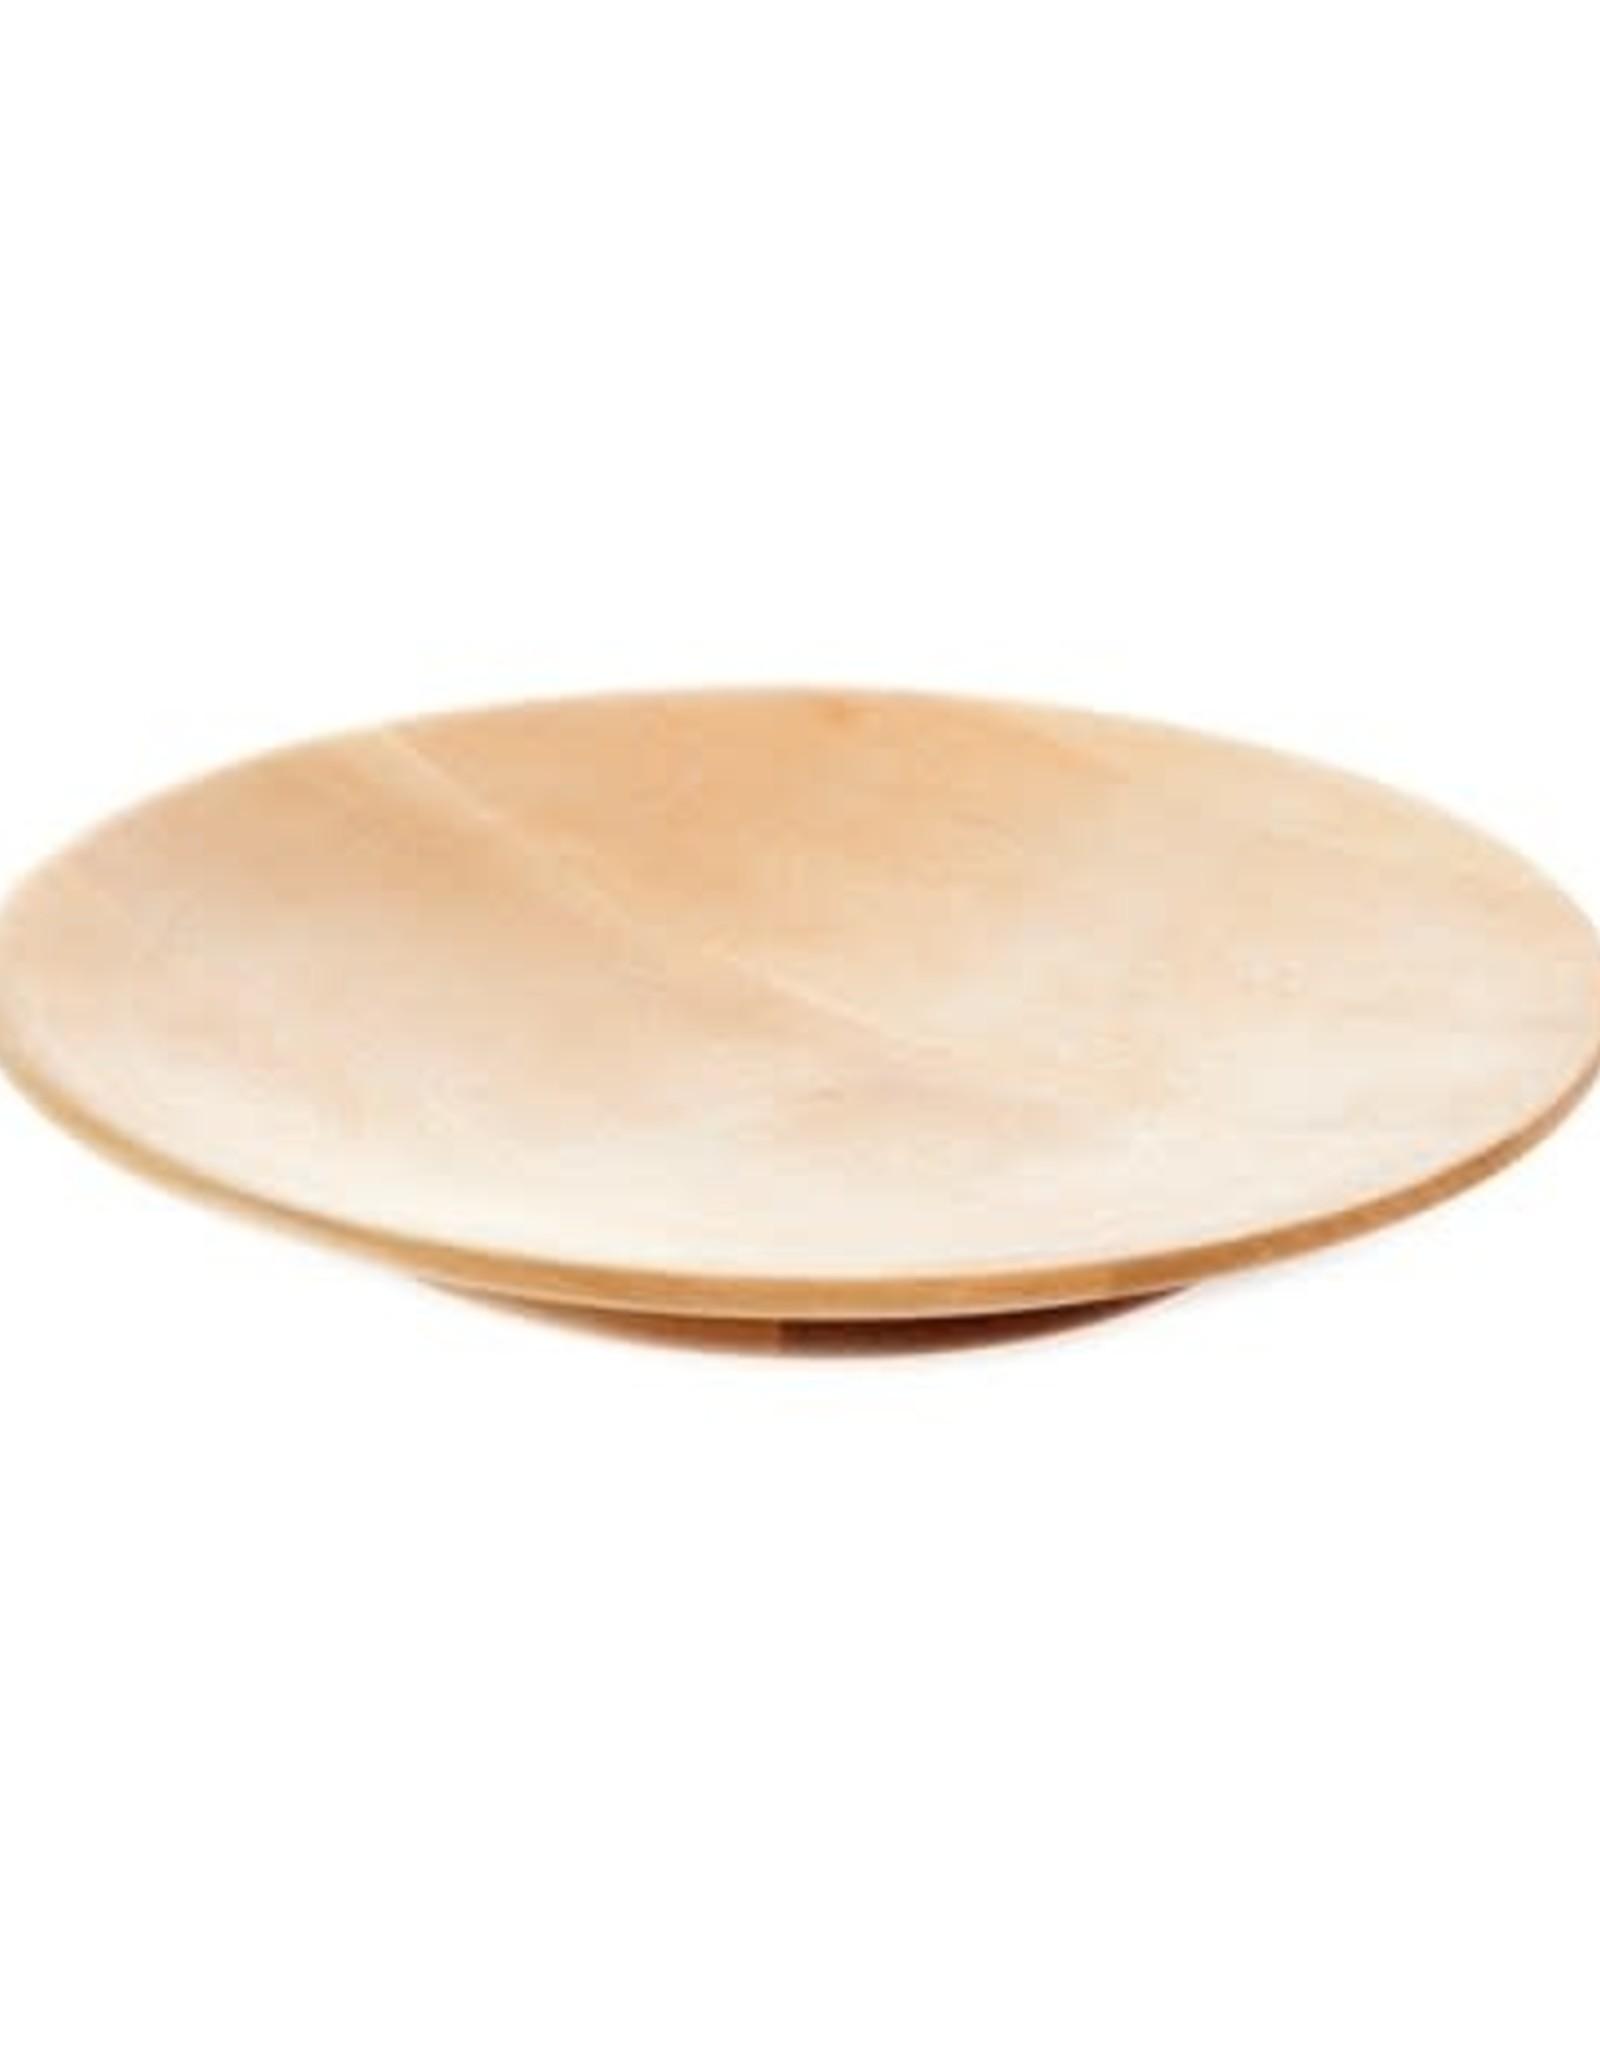 Assiette Bouleau - Large